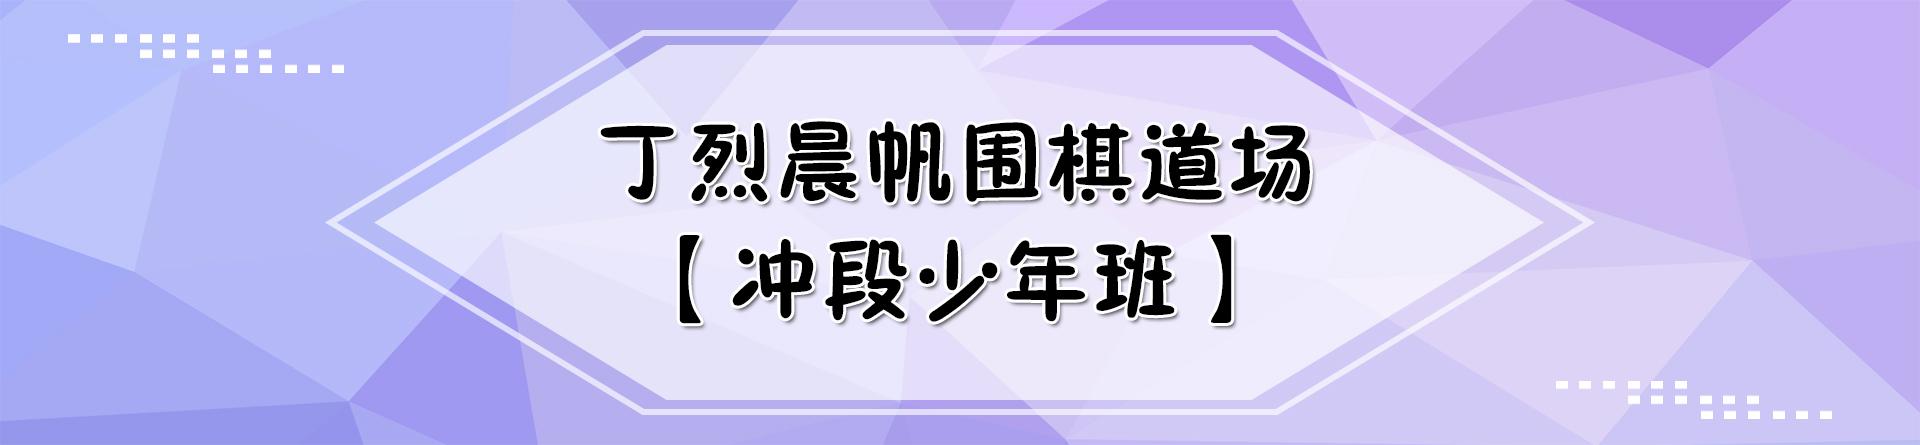 丁烈晨帆围棋培训